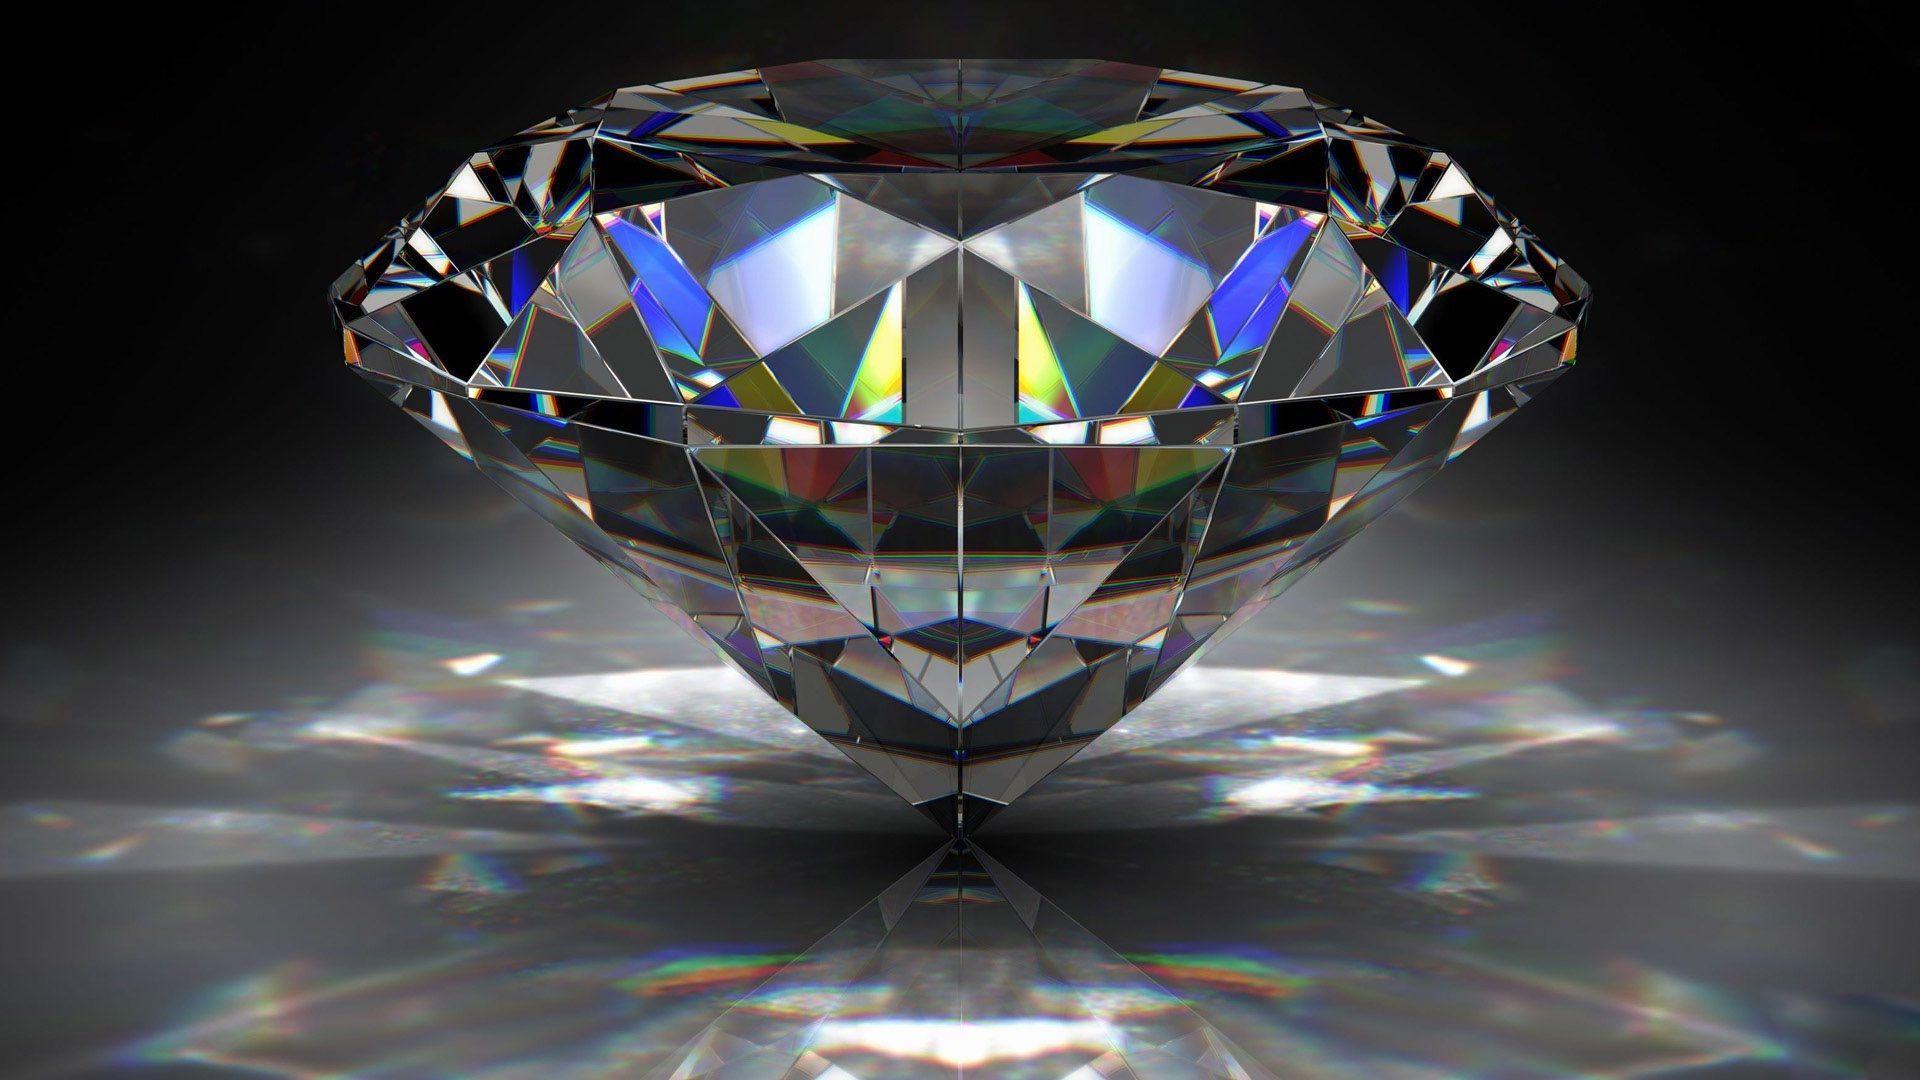 Hình nền rộng 1920x1080 3D kim cương full HD - Nhận hình nền HD miễn phí